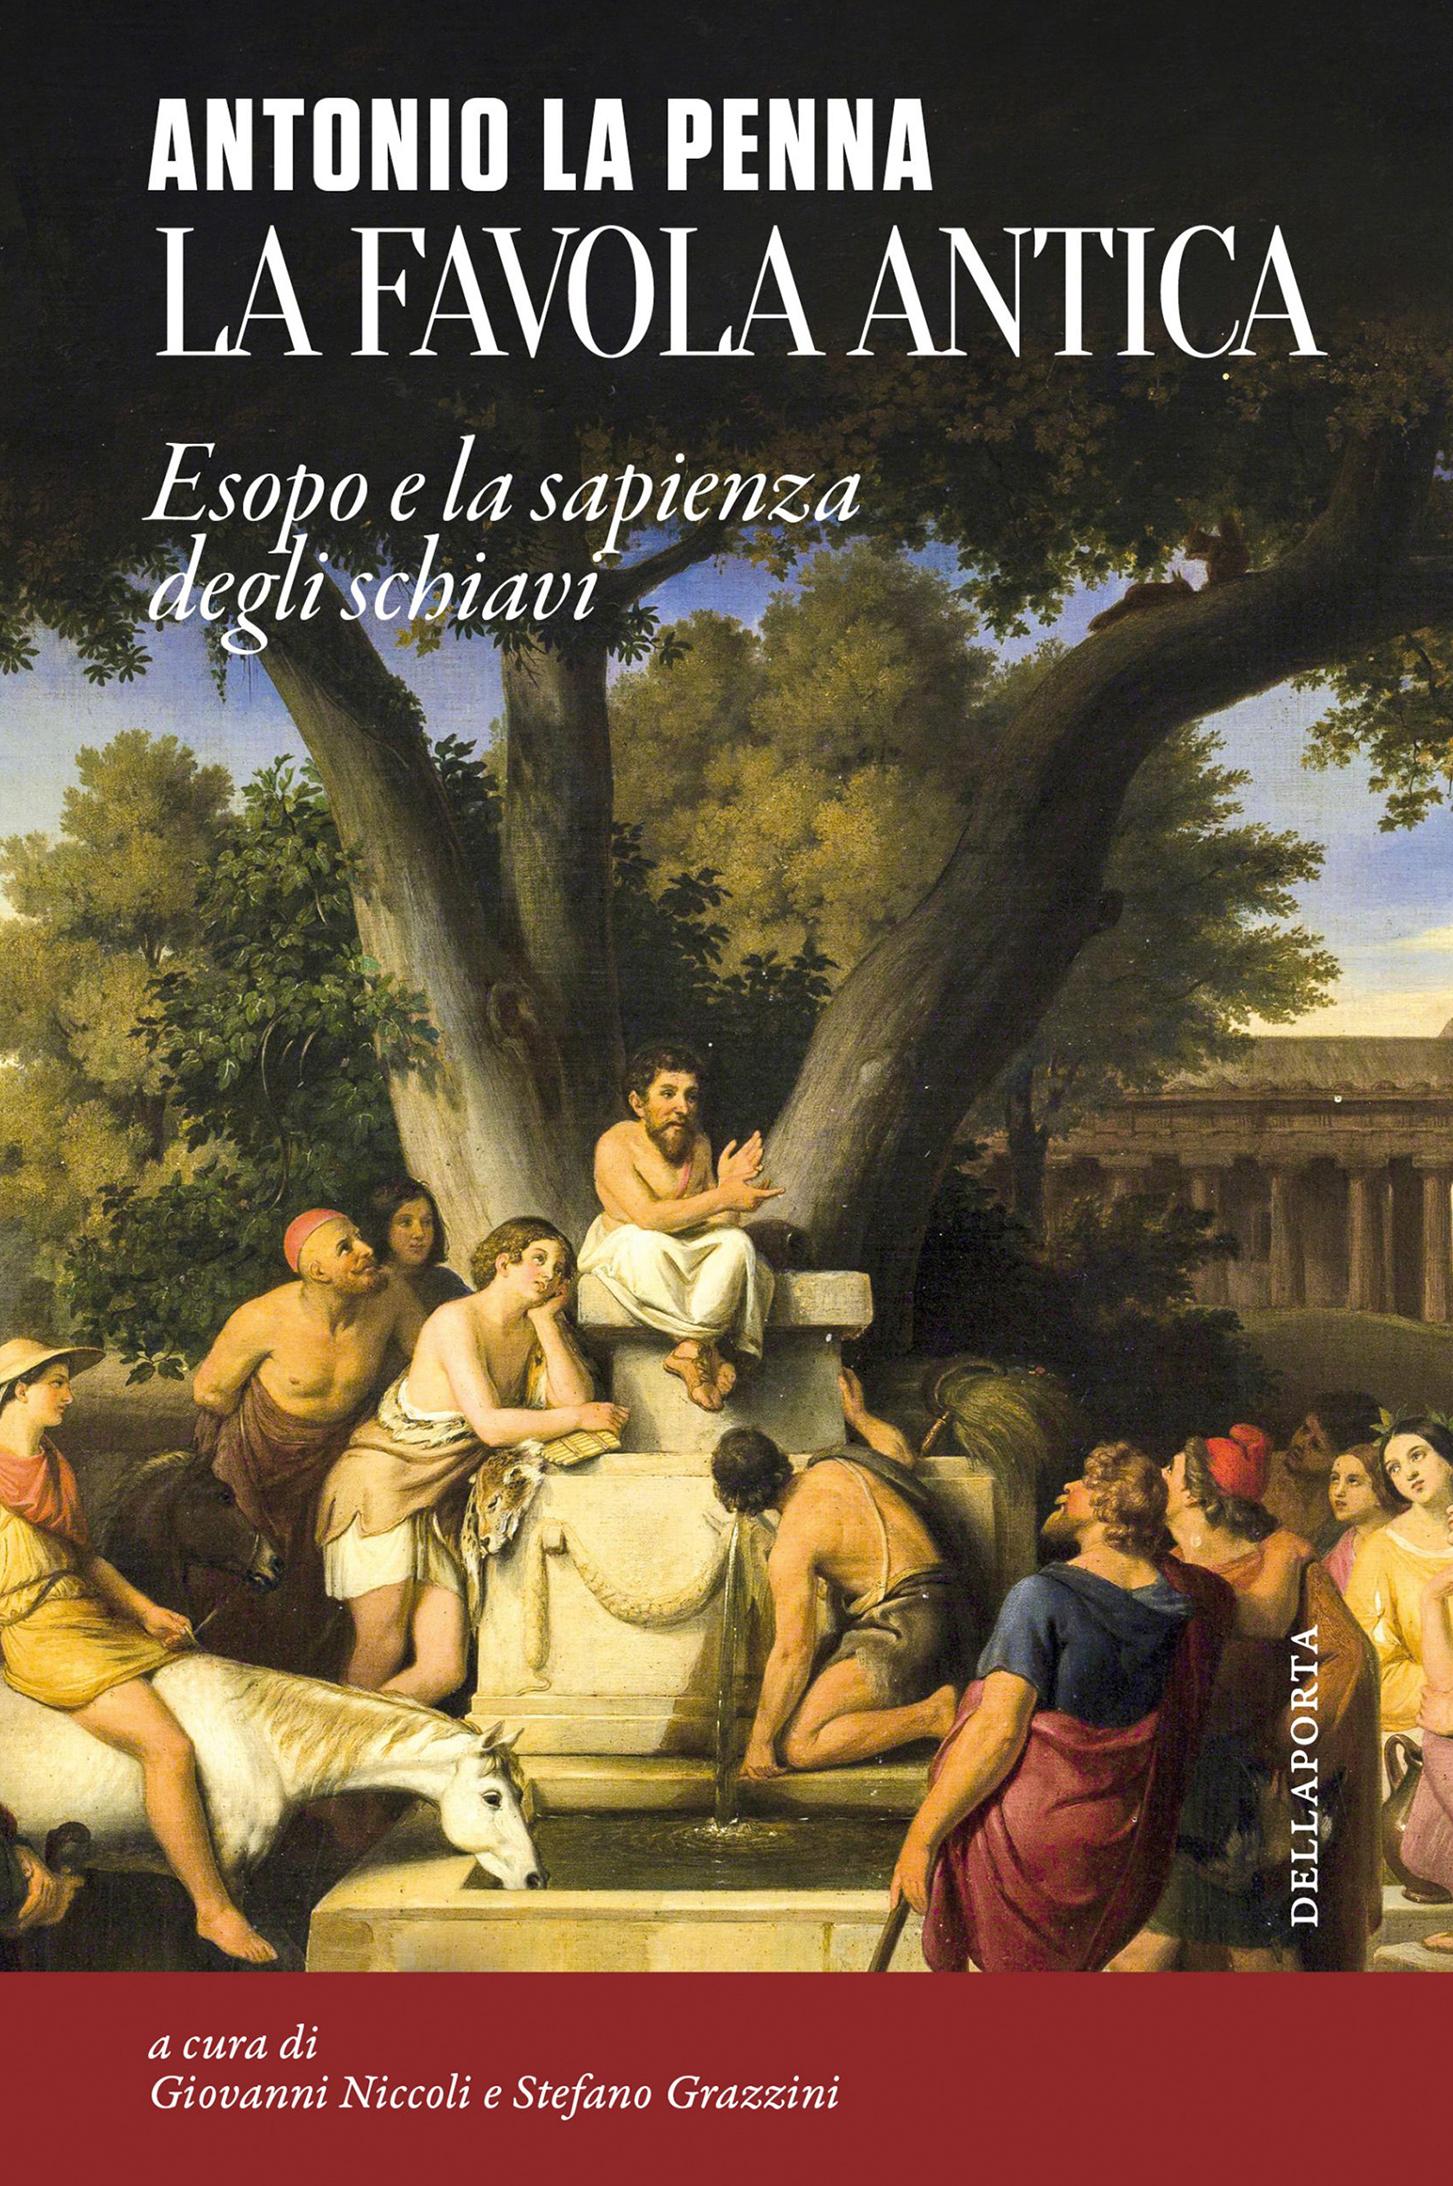 La_favola_antica_Antonio_La_Penna